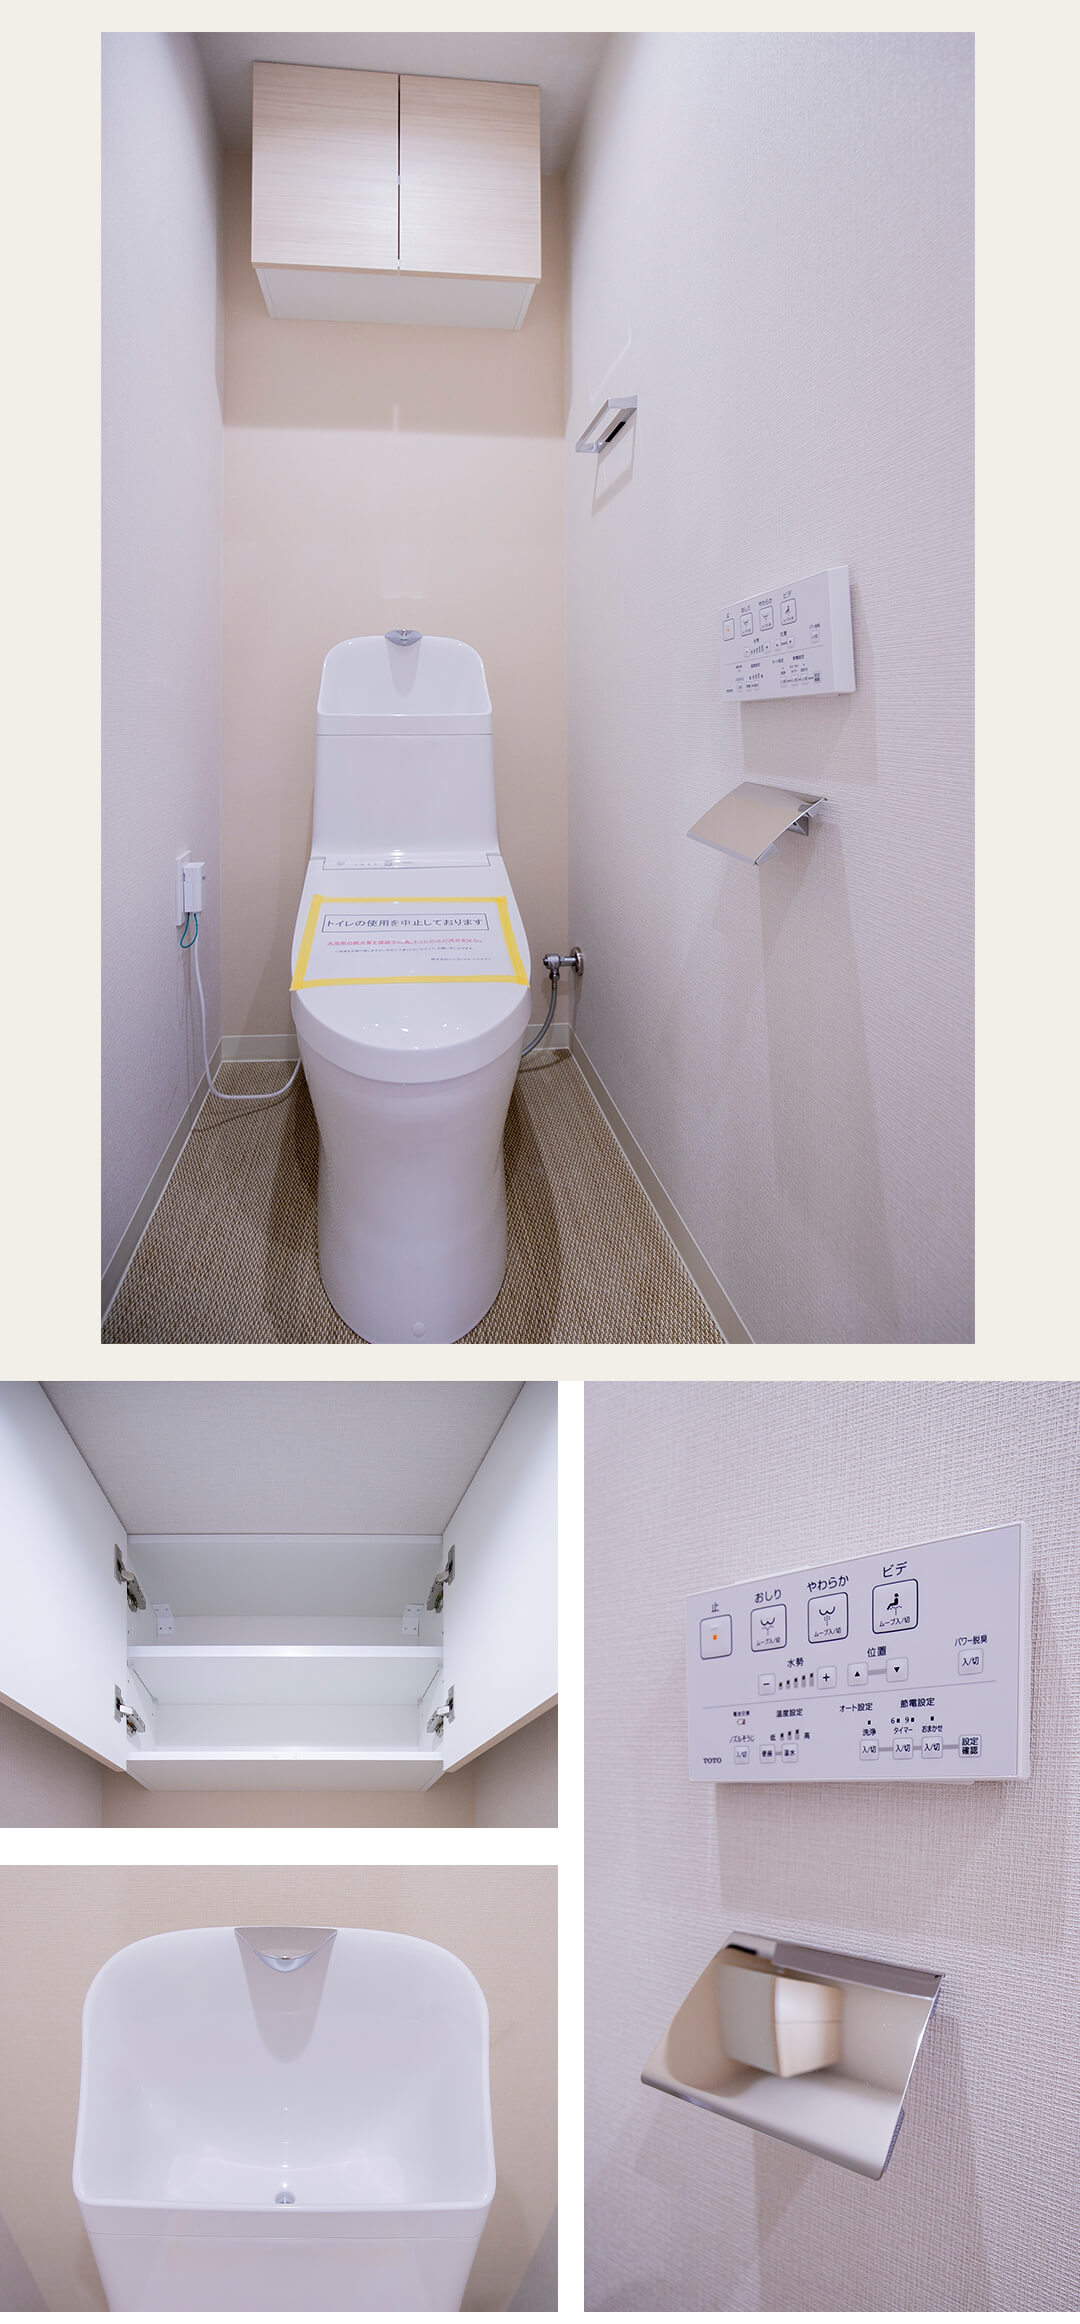 共栄ハイツ東高円寺のトイレ